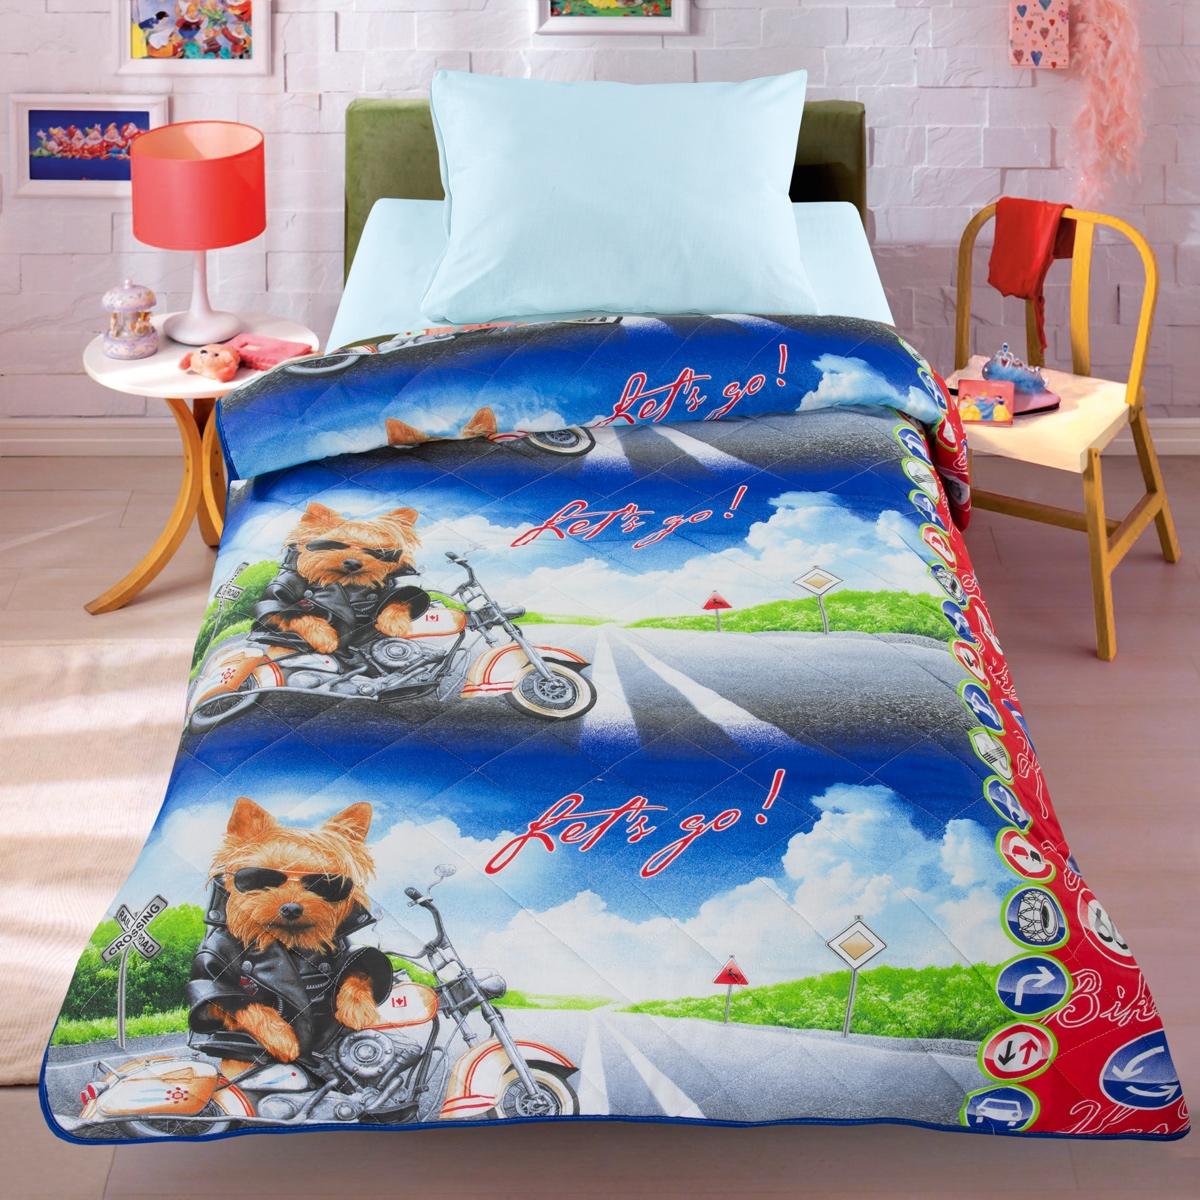 Letto Покрывало-одеяло цвет синий531-105Легкое оригинальное покрывало Letto в чехле будет радовать вашего малыша в течение всего года. Сидеть на таком покрывале будет приятно и комфортно - ведь оно выполнено из 100% хлопка. К тому же одеяло можно использовать и как одеяло на детскую кровать. Наполнитель - силиконизированное волокно. Вашему ребенку не будет жарко под таким одеялом, а это значит от не будет раскрываться. Оно подлежит машинной стирке при температуре 30 гр., строго на деликатном режиме.140*205